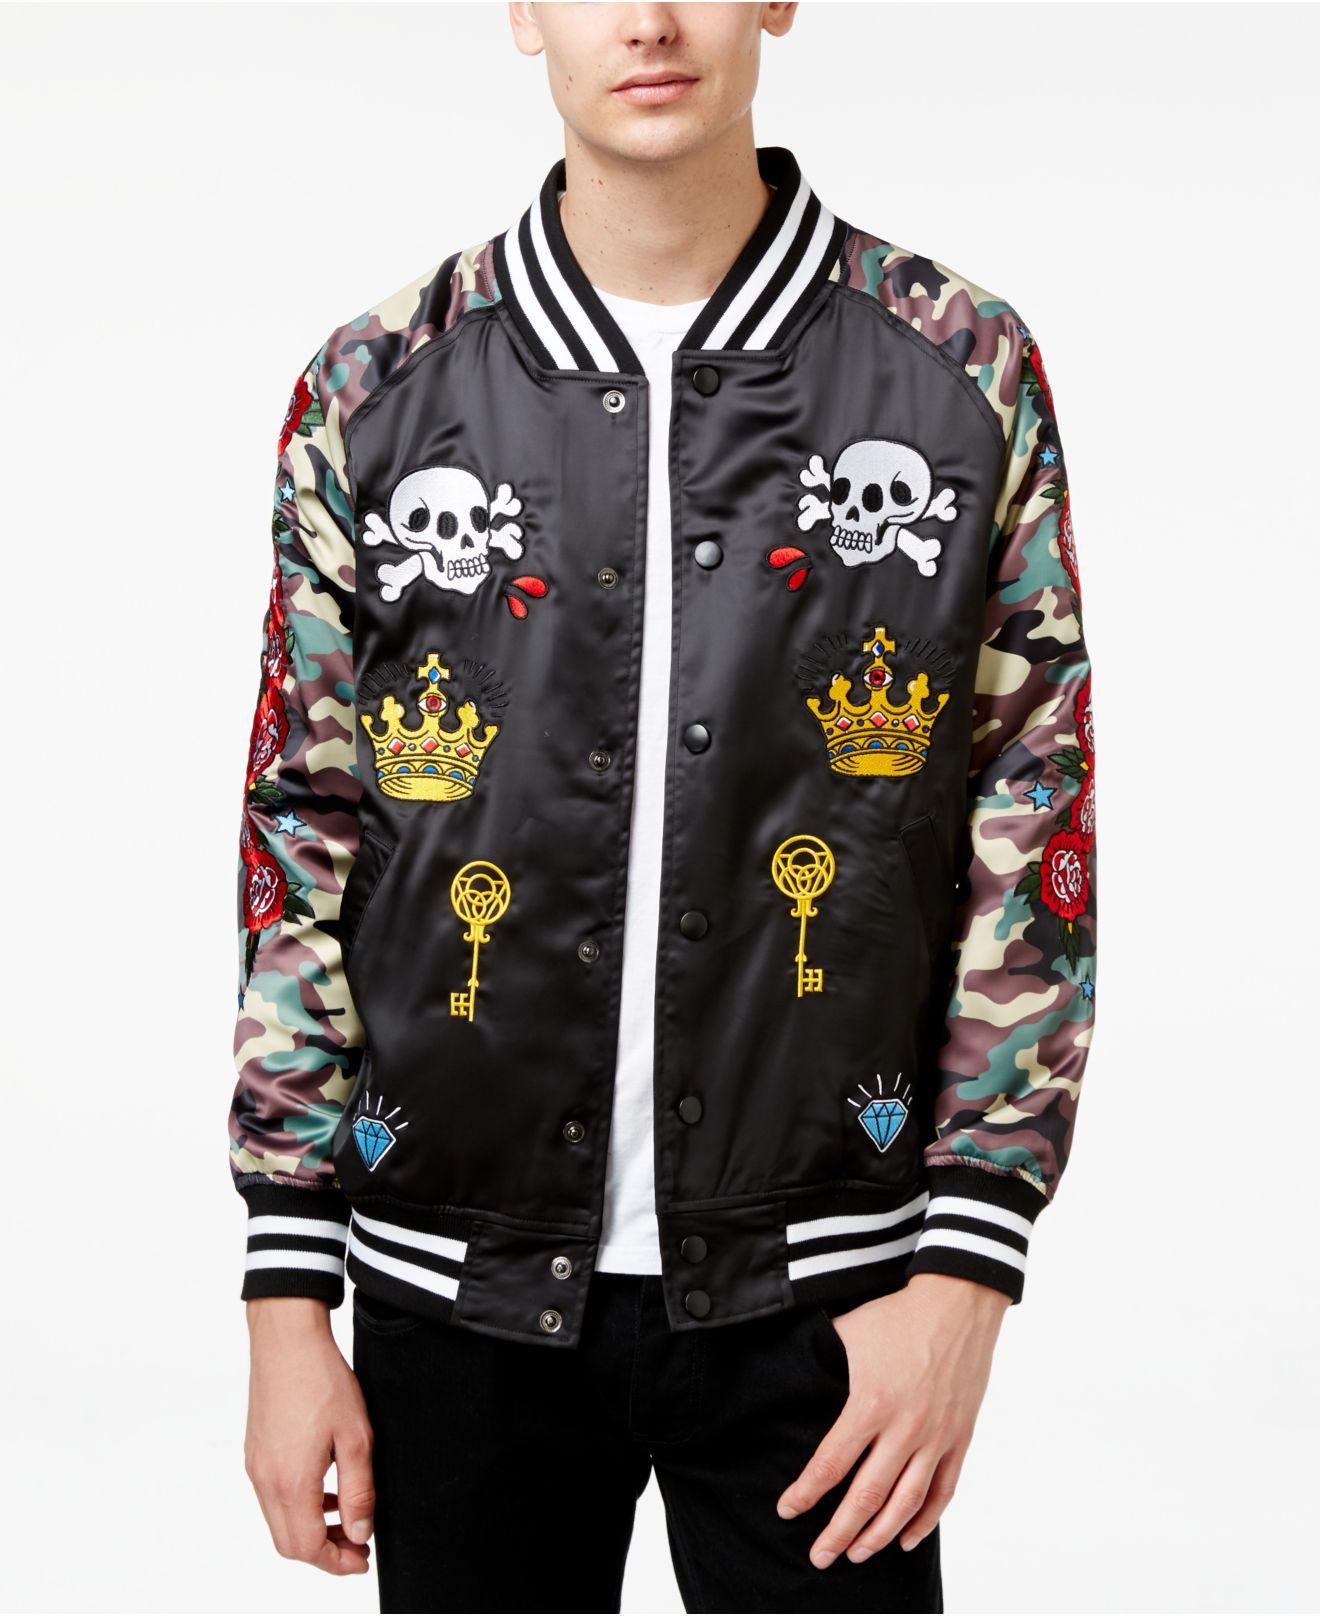 Velvet Bomber Jacket Mens Reason Clothing